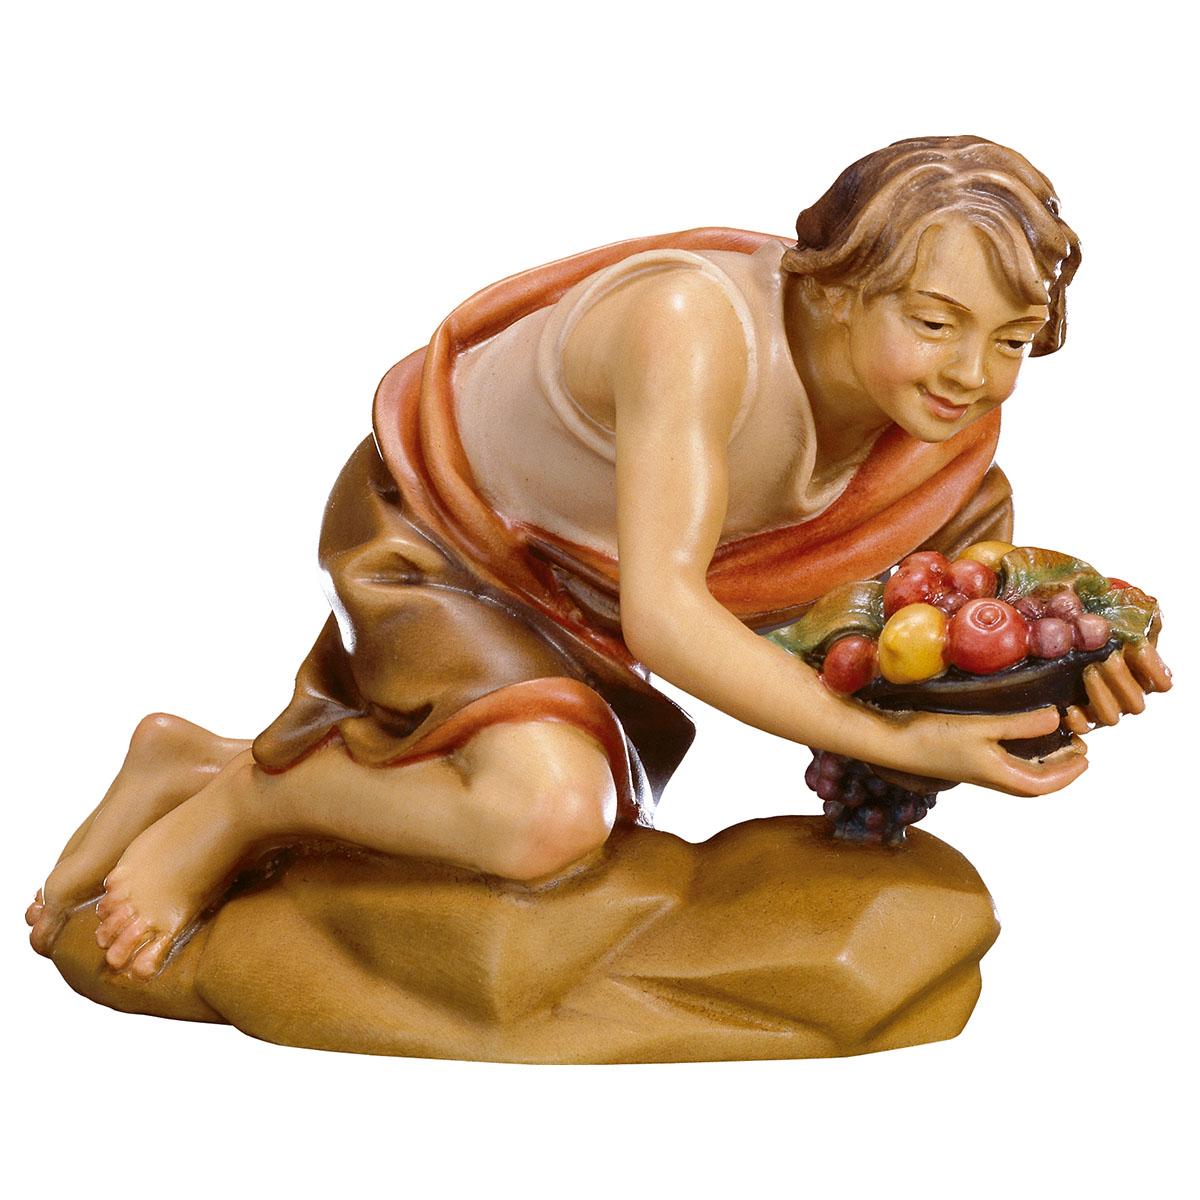 Hirte kniend mit Obst